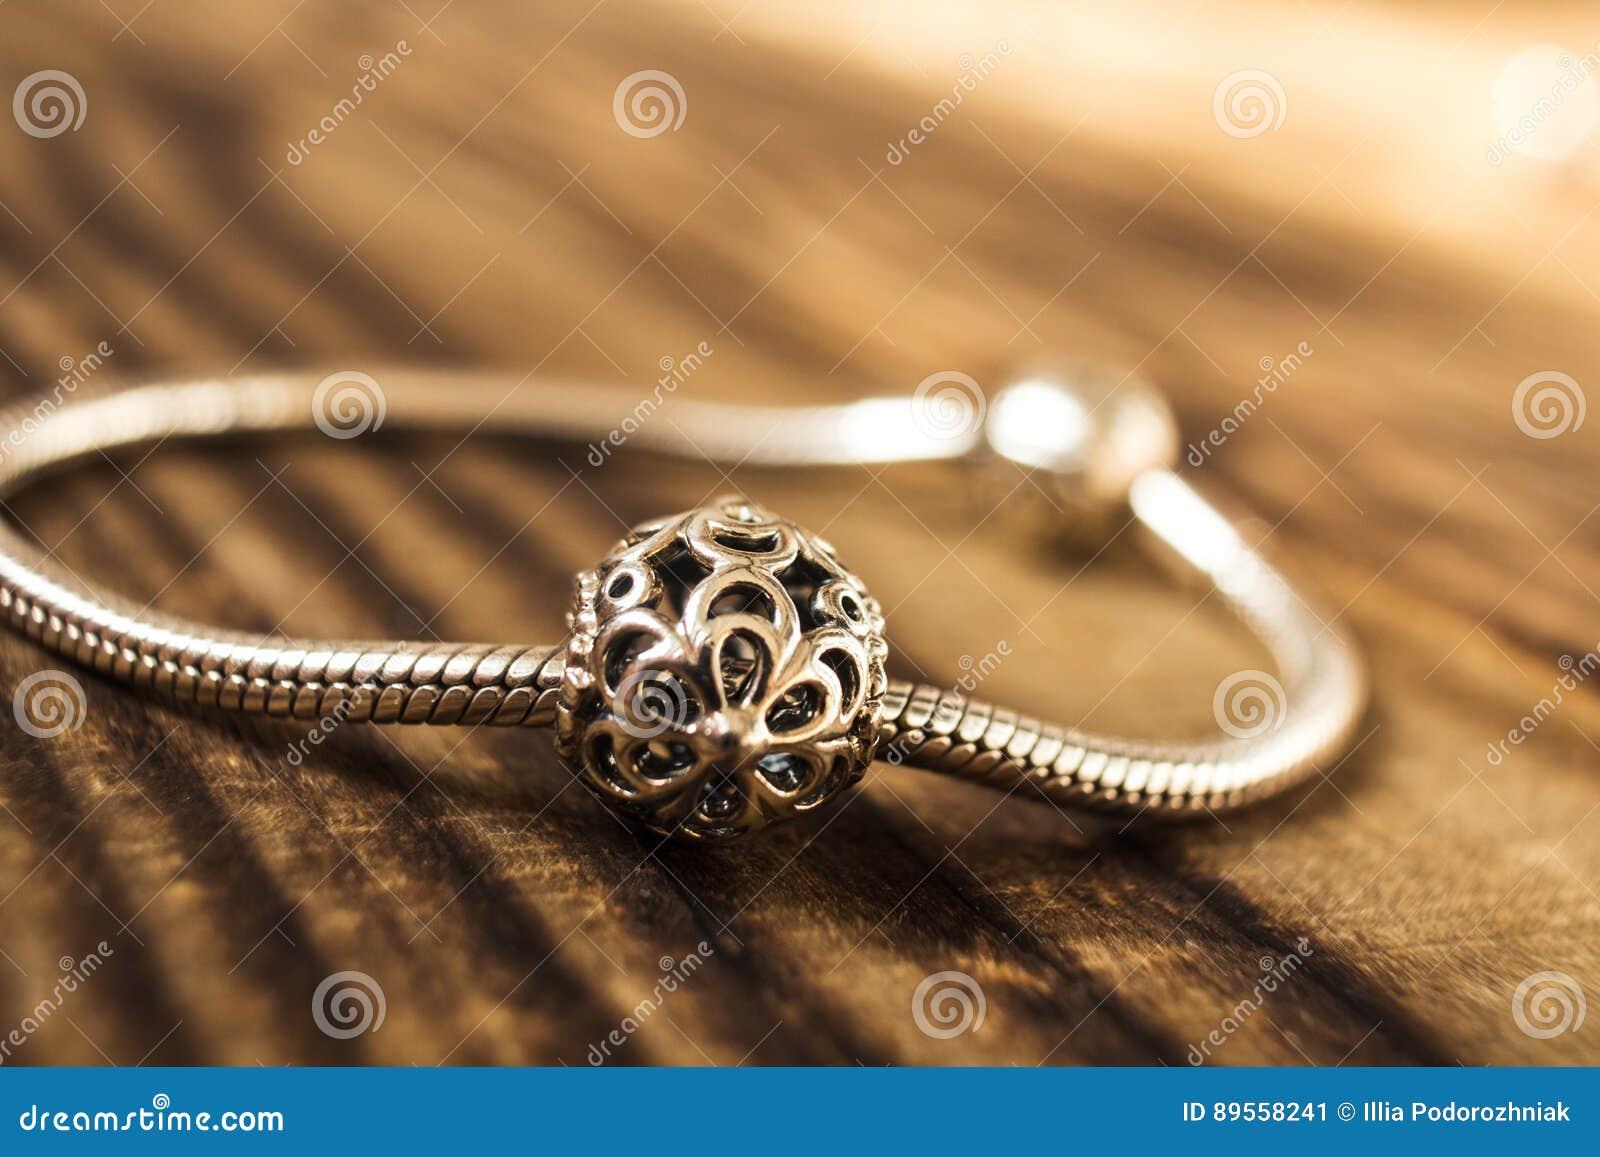 Silbernes Armband mit silberner Perle auf hölzernem Hintergrund